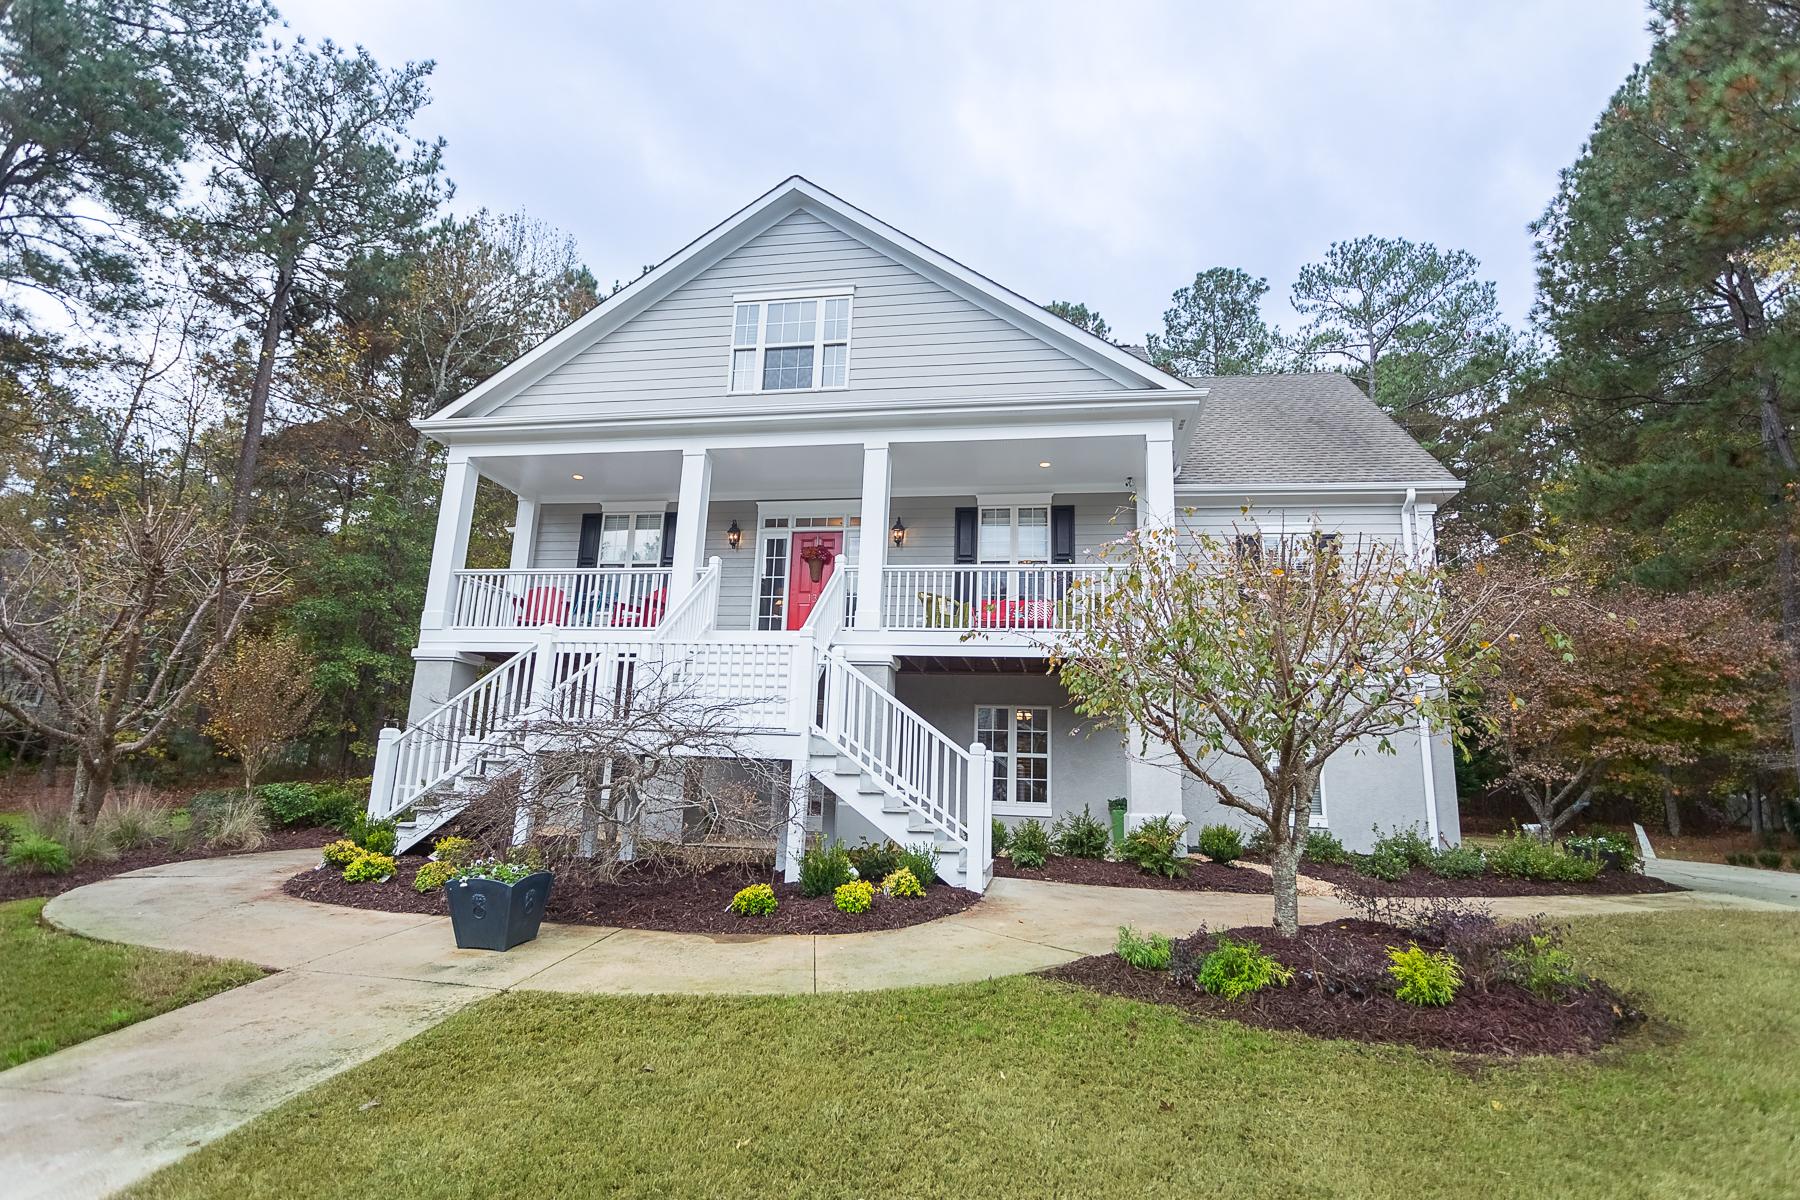 단독 가정 주택 용 매매 에 Idyllic Highgrove Home With Pool And Amazing Updates 130 Old Ivy, Fayetteville, 조지아, 30215 미국